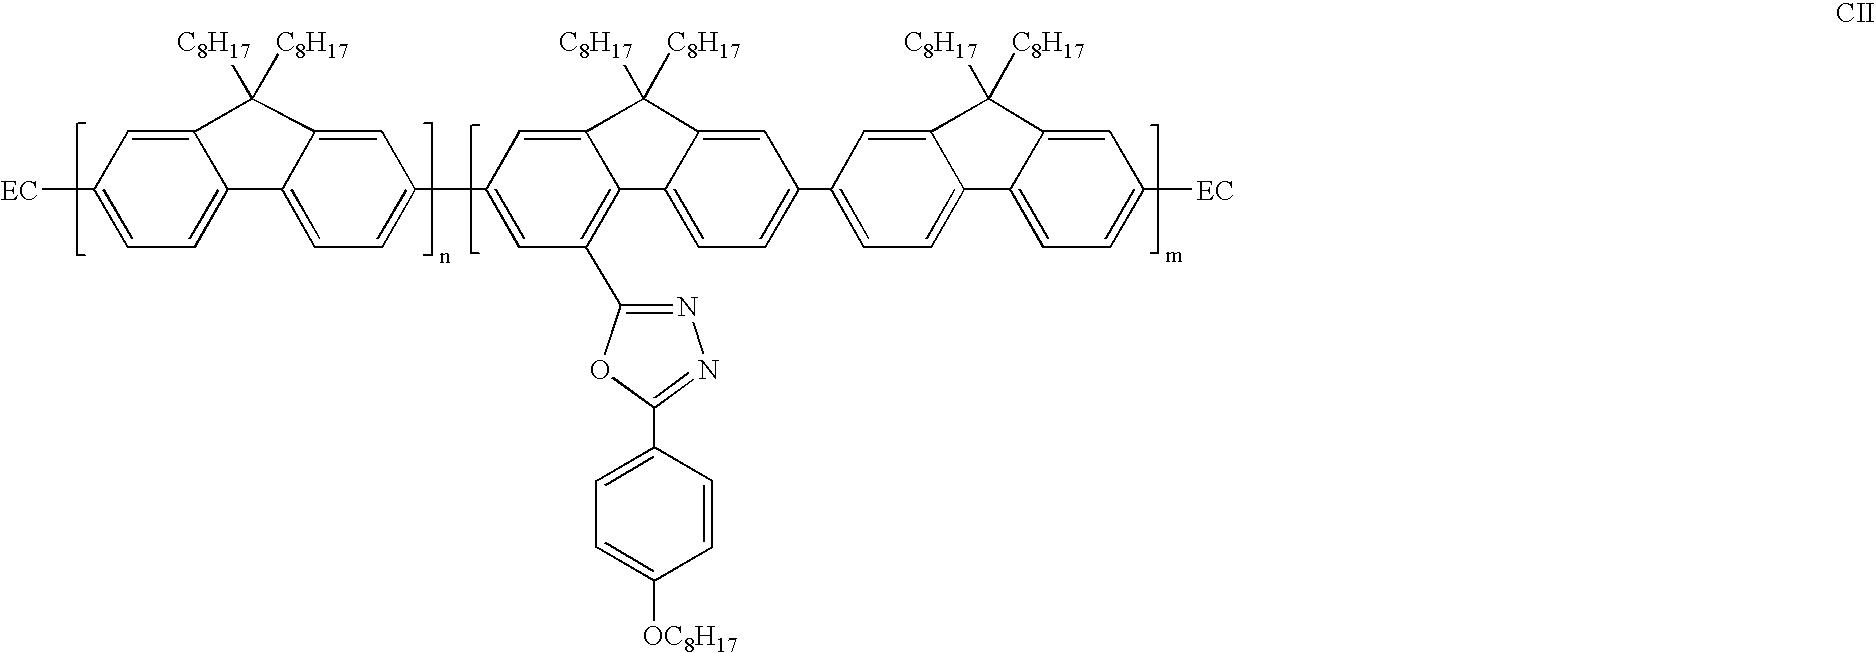 Figure US20040062930A1-20040401-C00025